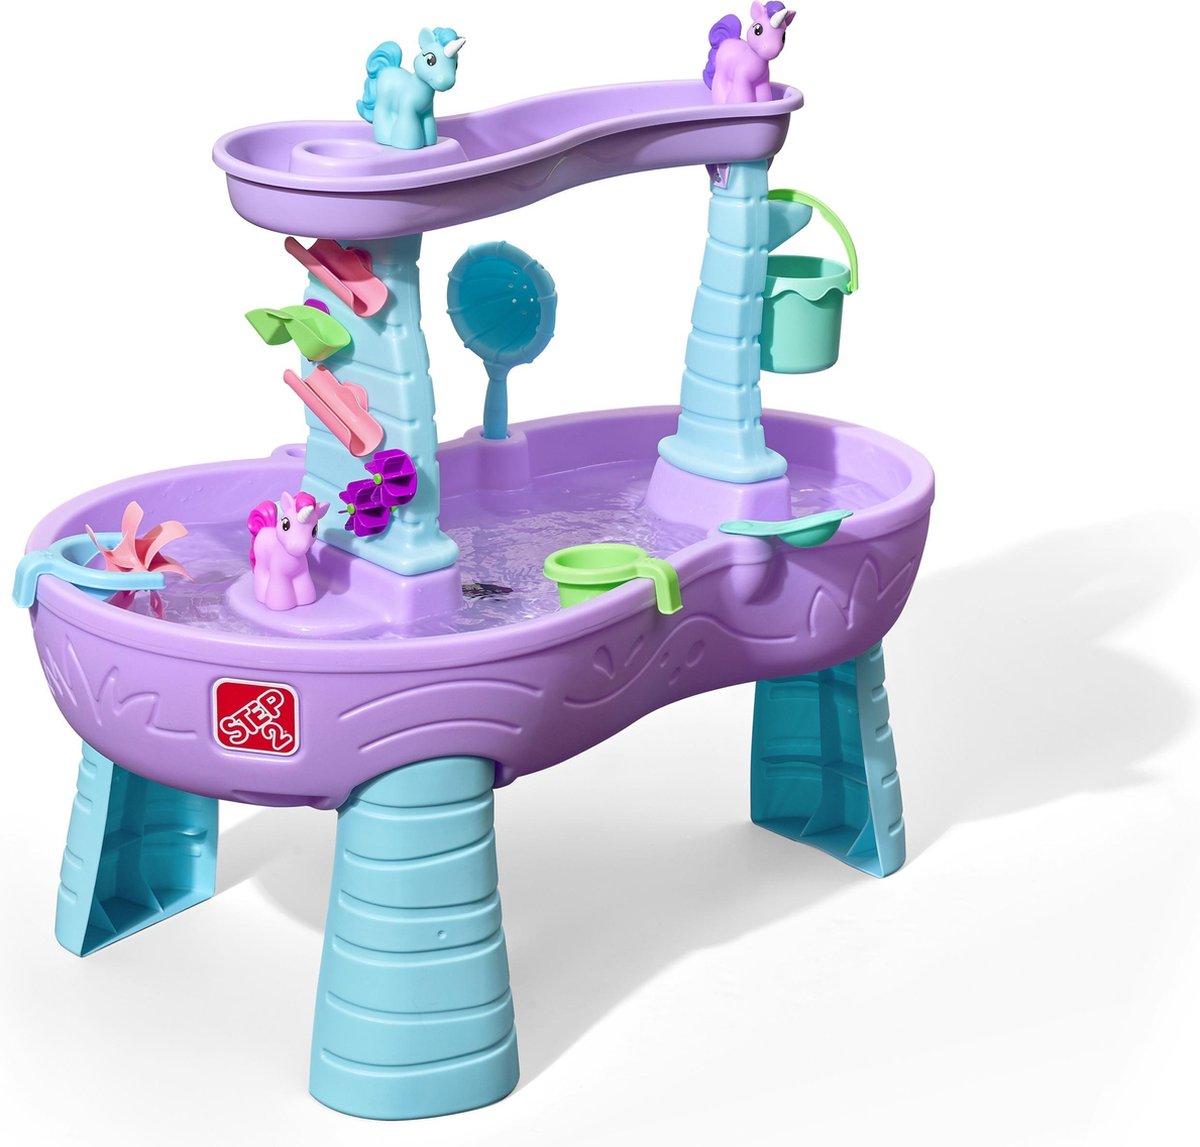 Step 2 watertafel - speeltafel - Eenhoorns - Met waterrad - 18.9 L - Paars